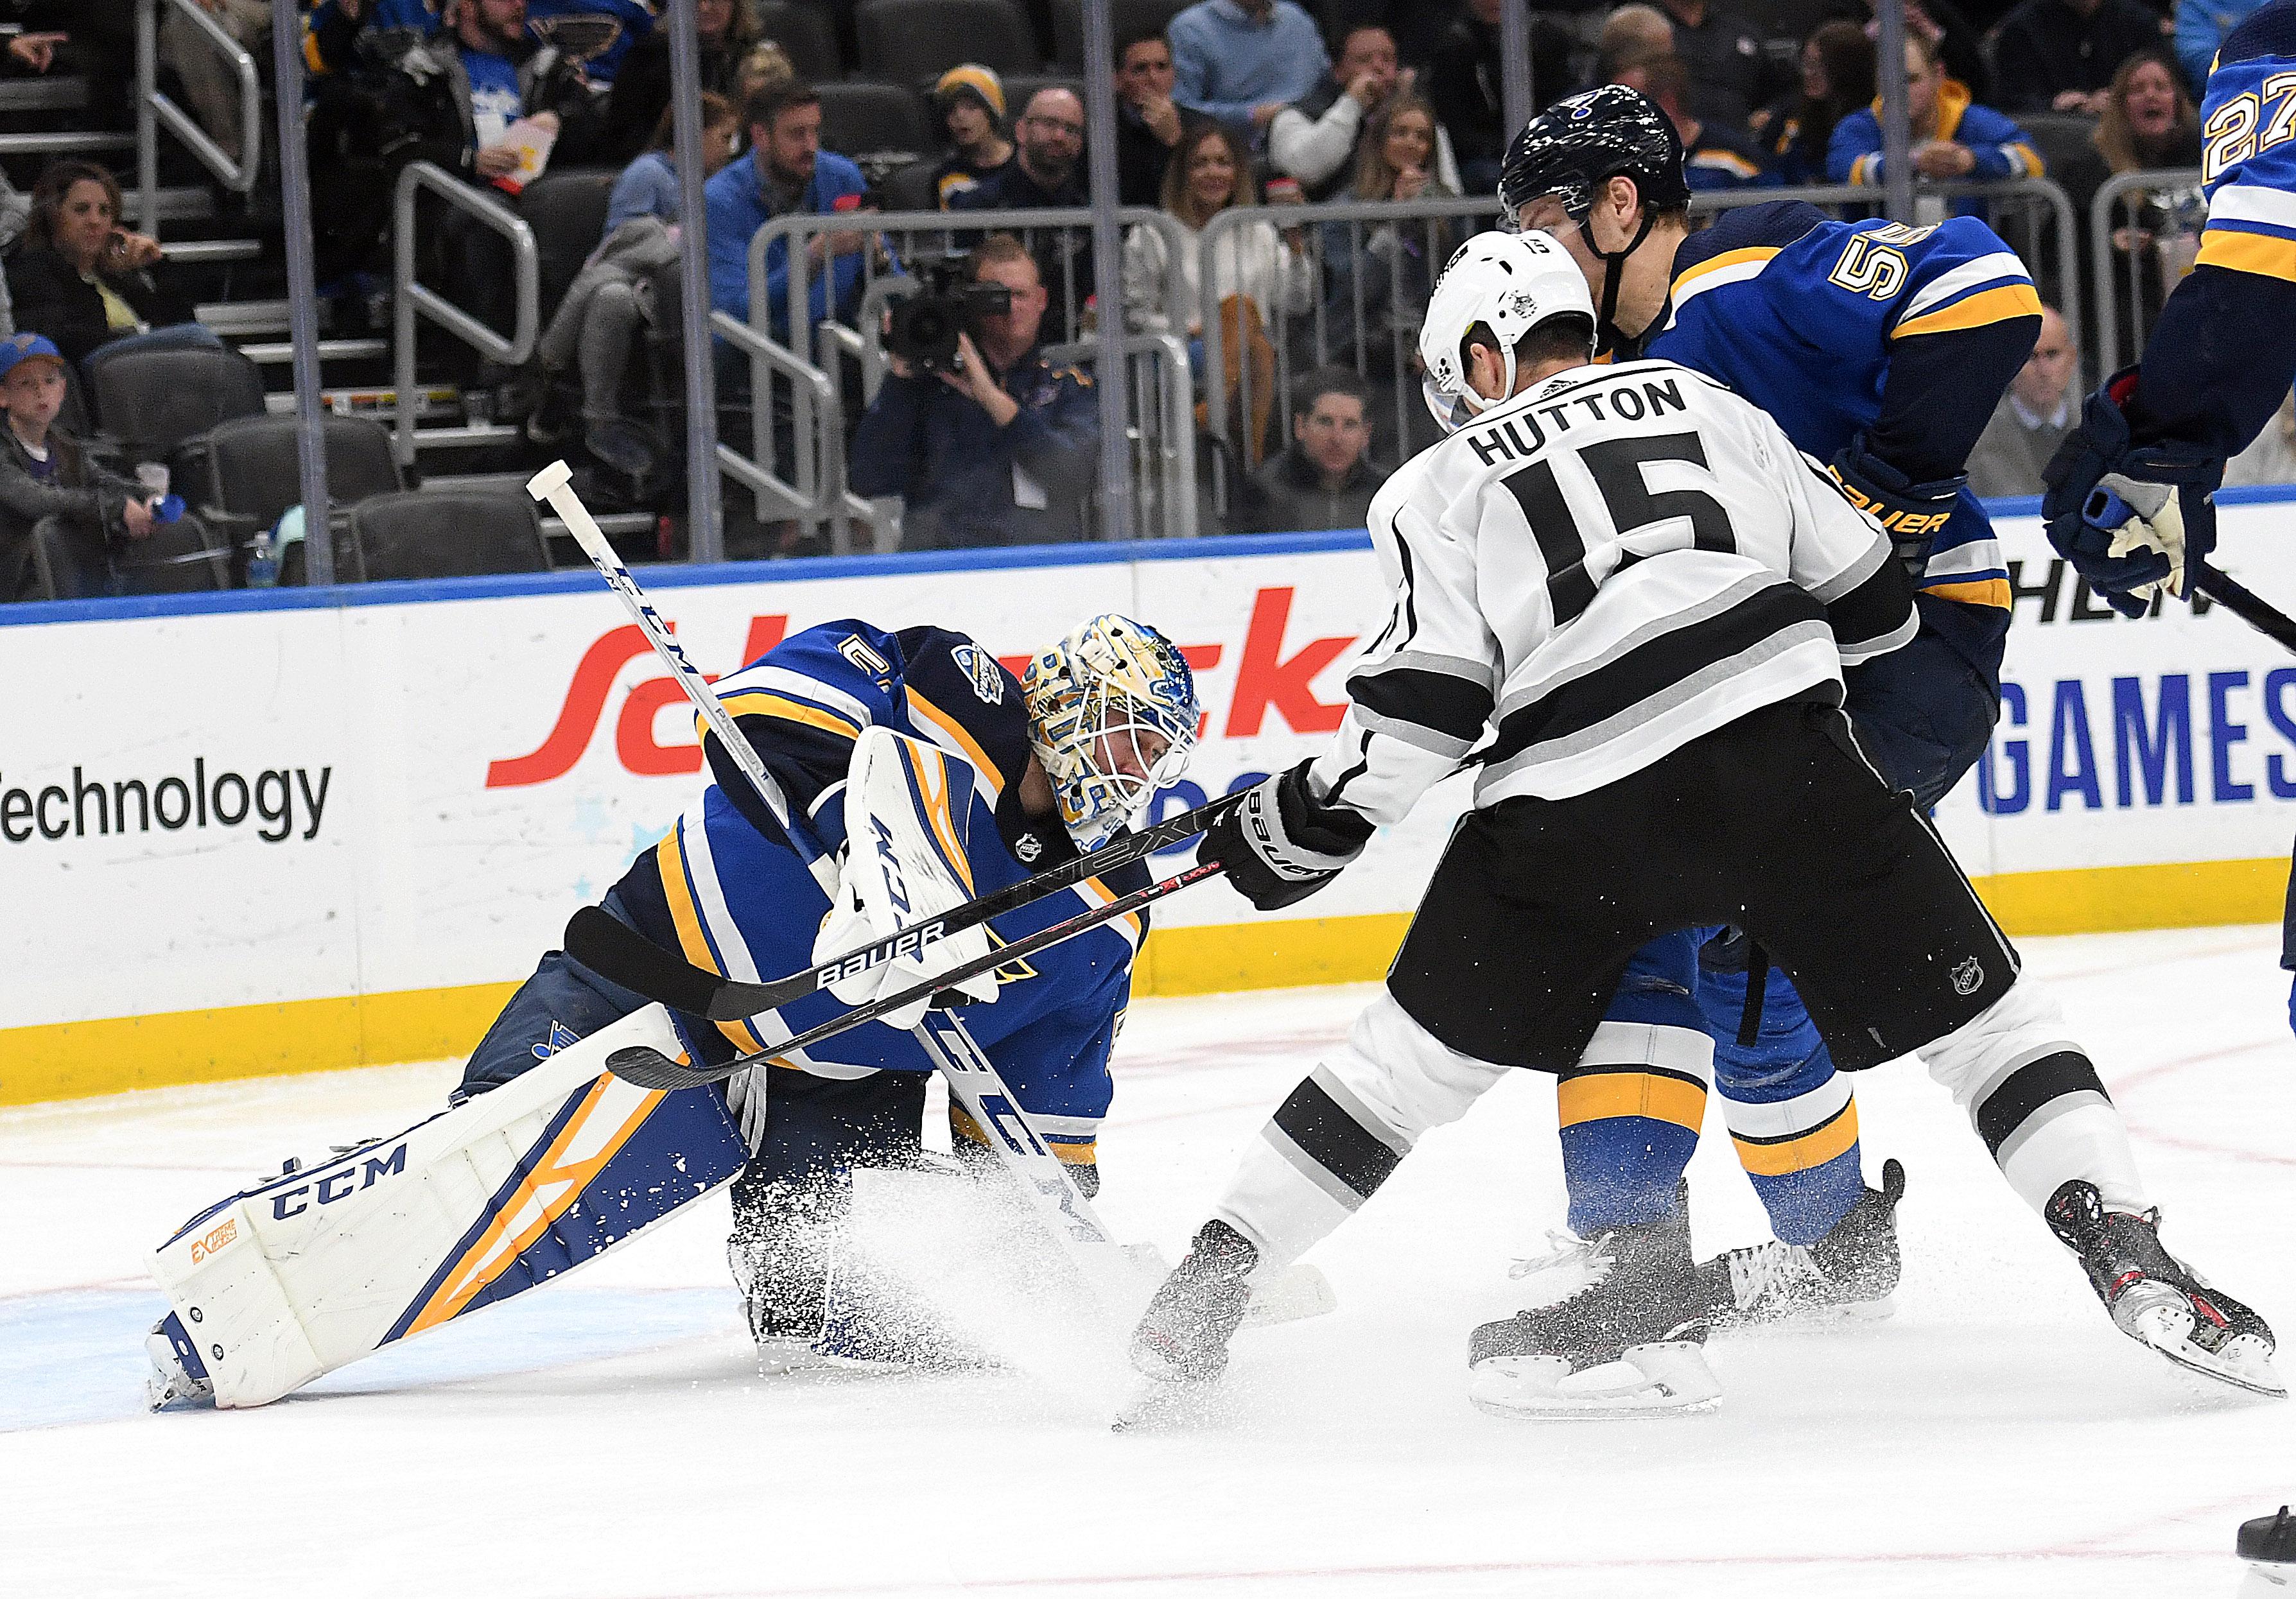 NHL: OCT 24 Kings at Blues